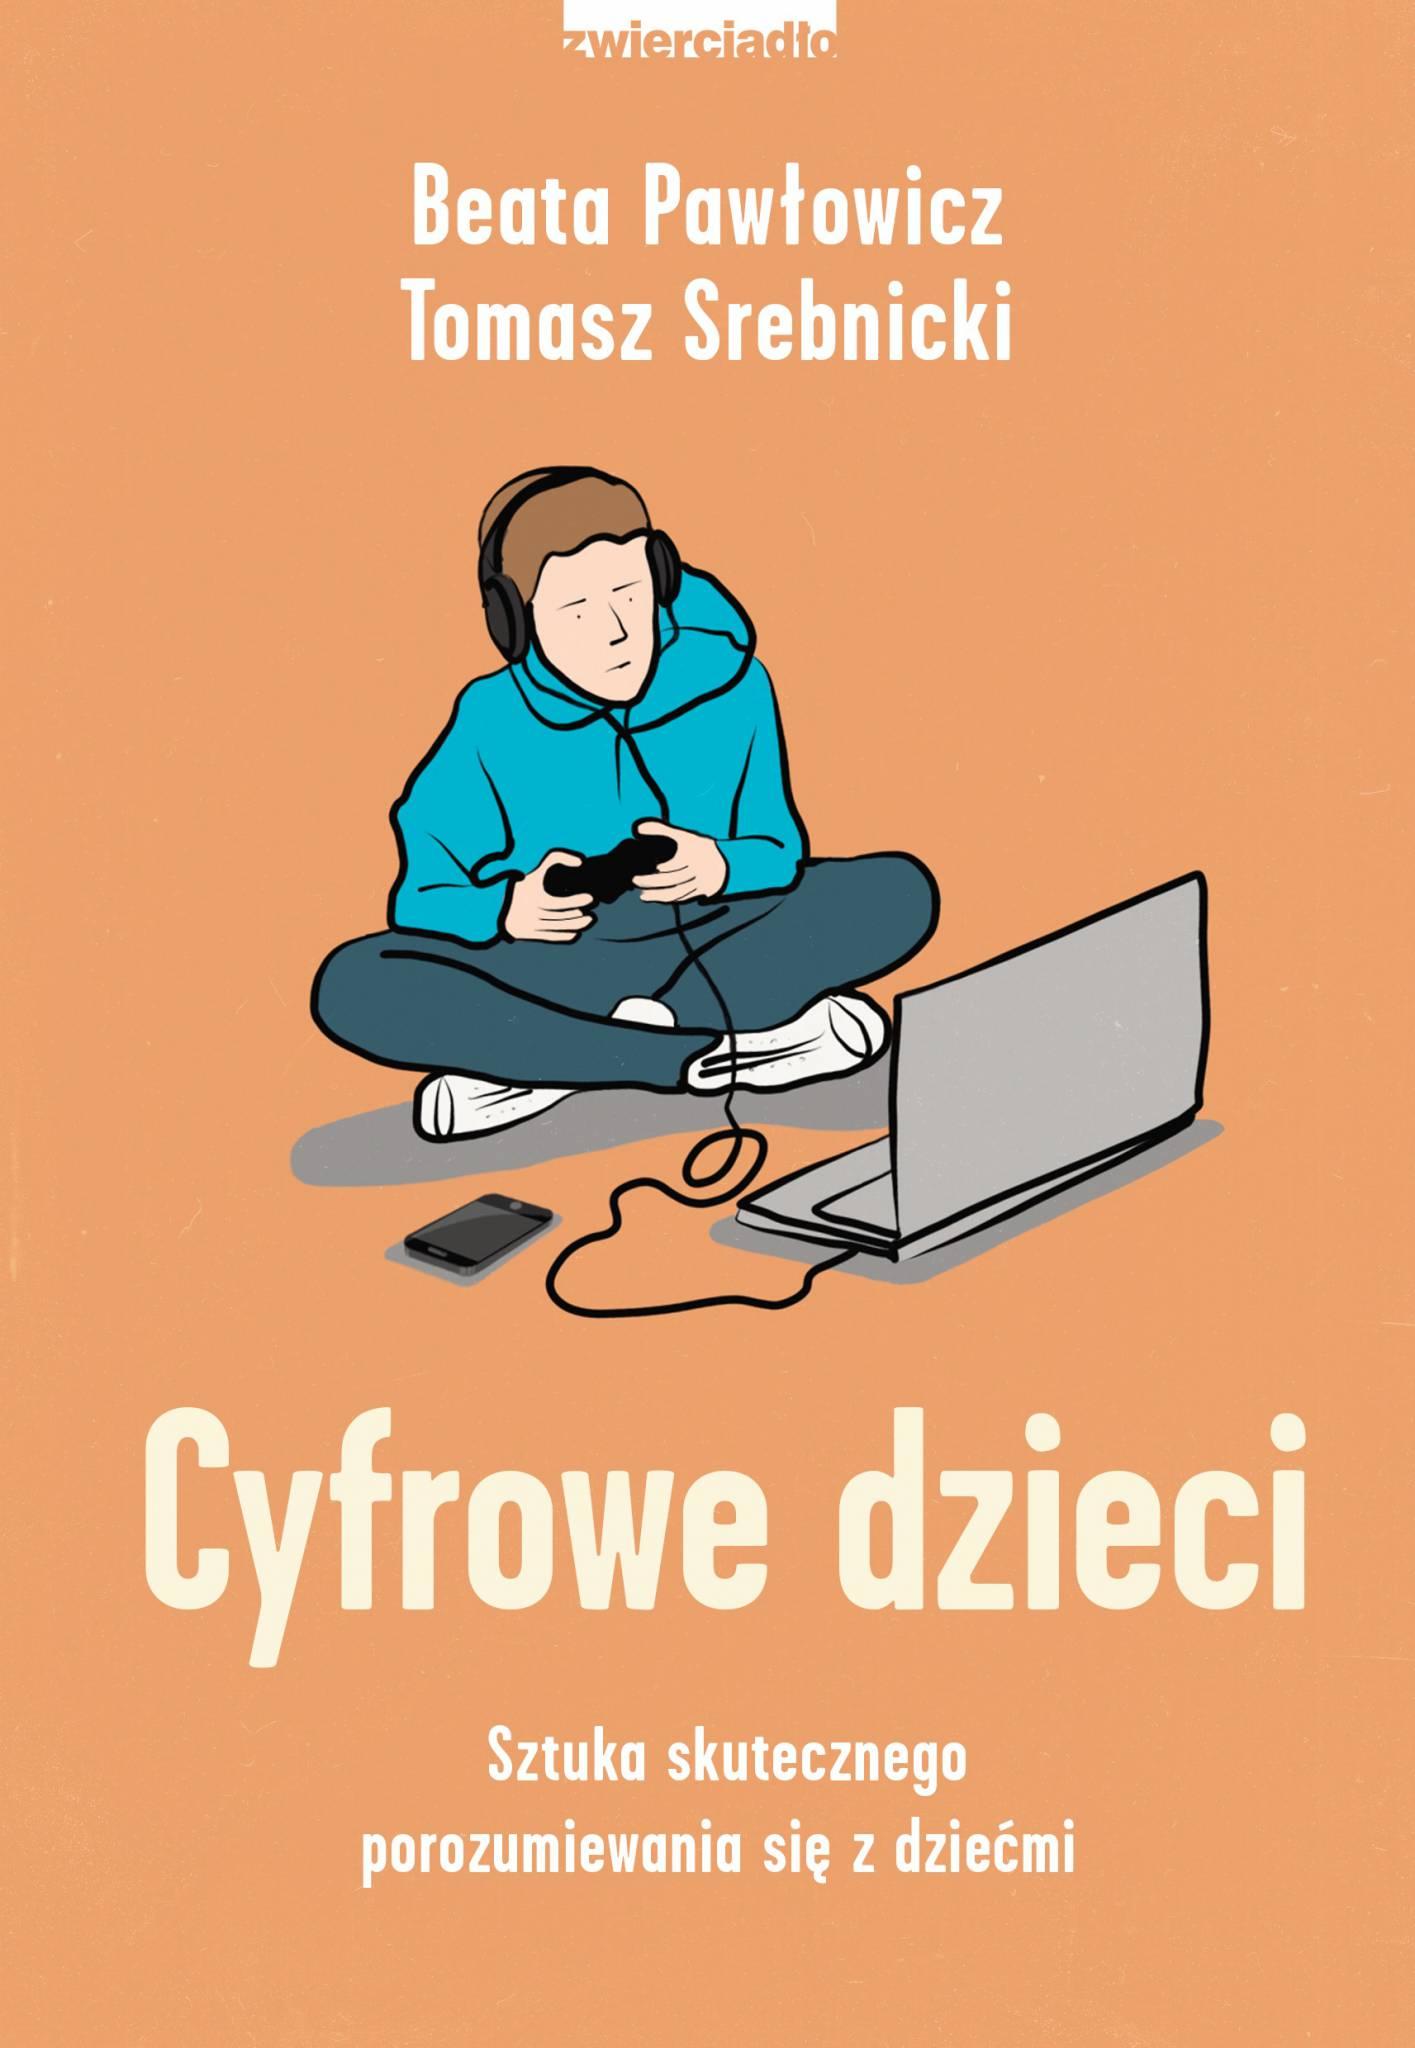 Cyfrowe dzieci. Sztuka skutecznego porozumiewania się z dziećmi - Beata Pawłowicz, Tomasz Srebnicki